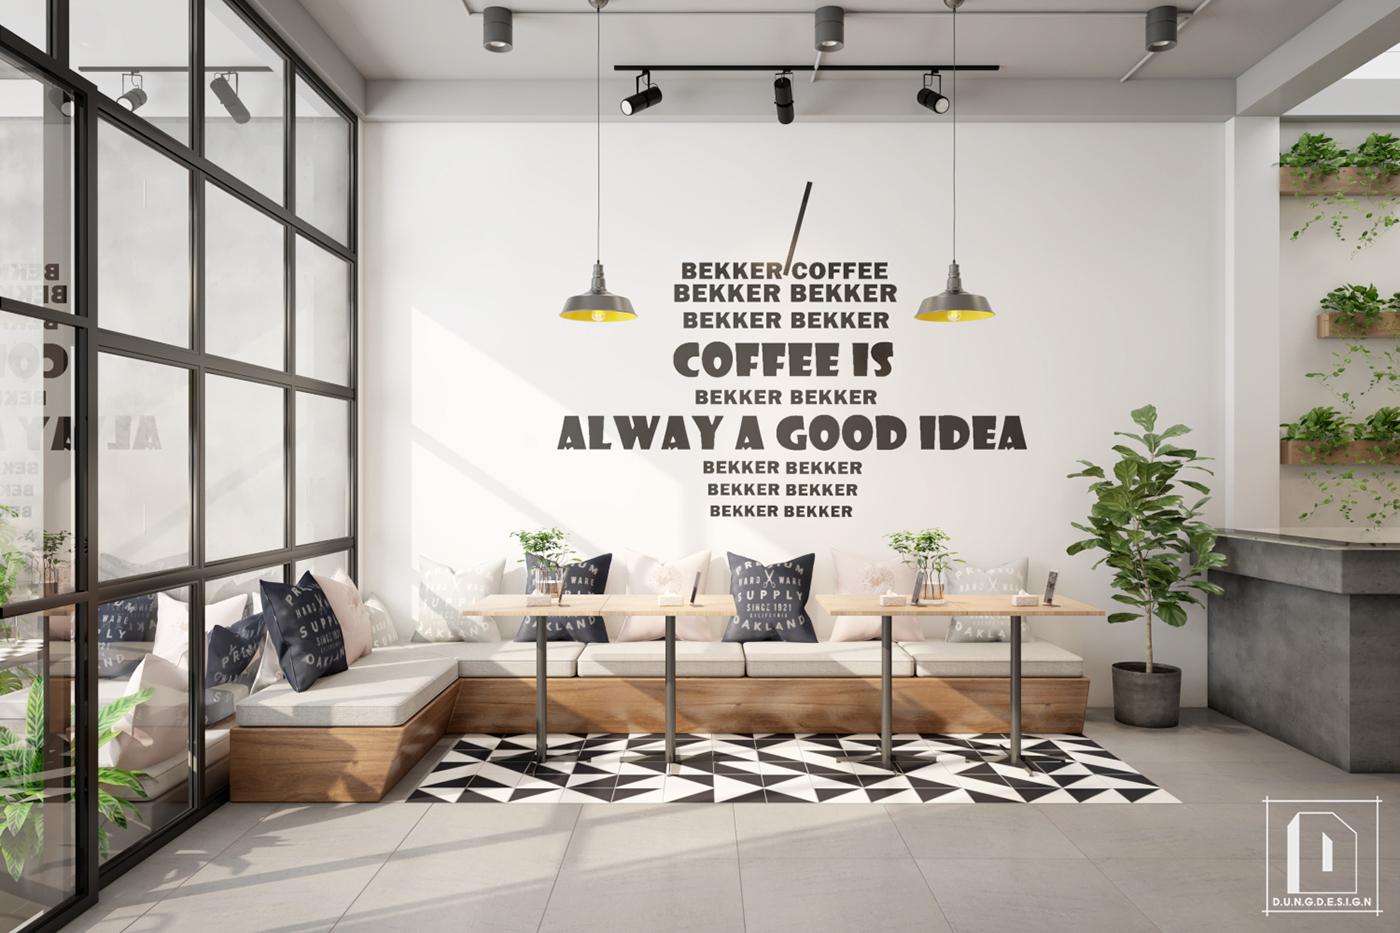 thiết kế nội thất Cafe tại Hồ Chí Minh Bekker Coffee 19 1538453235